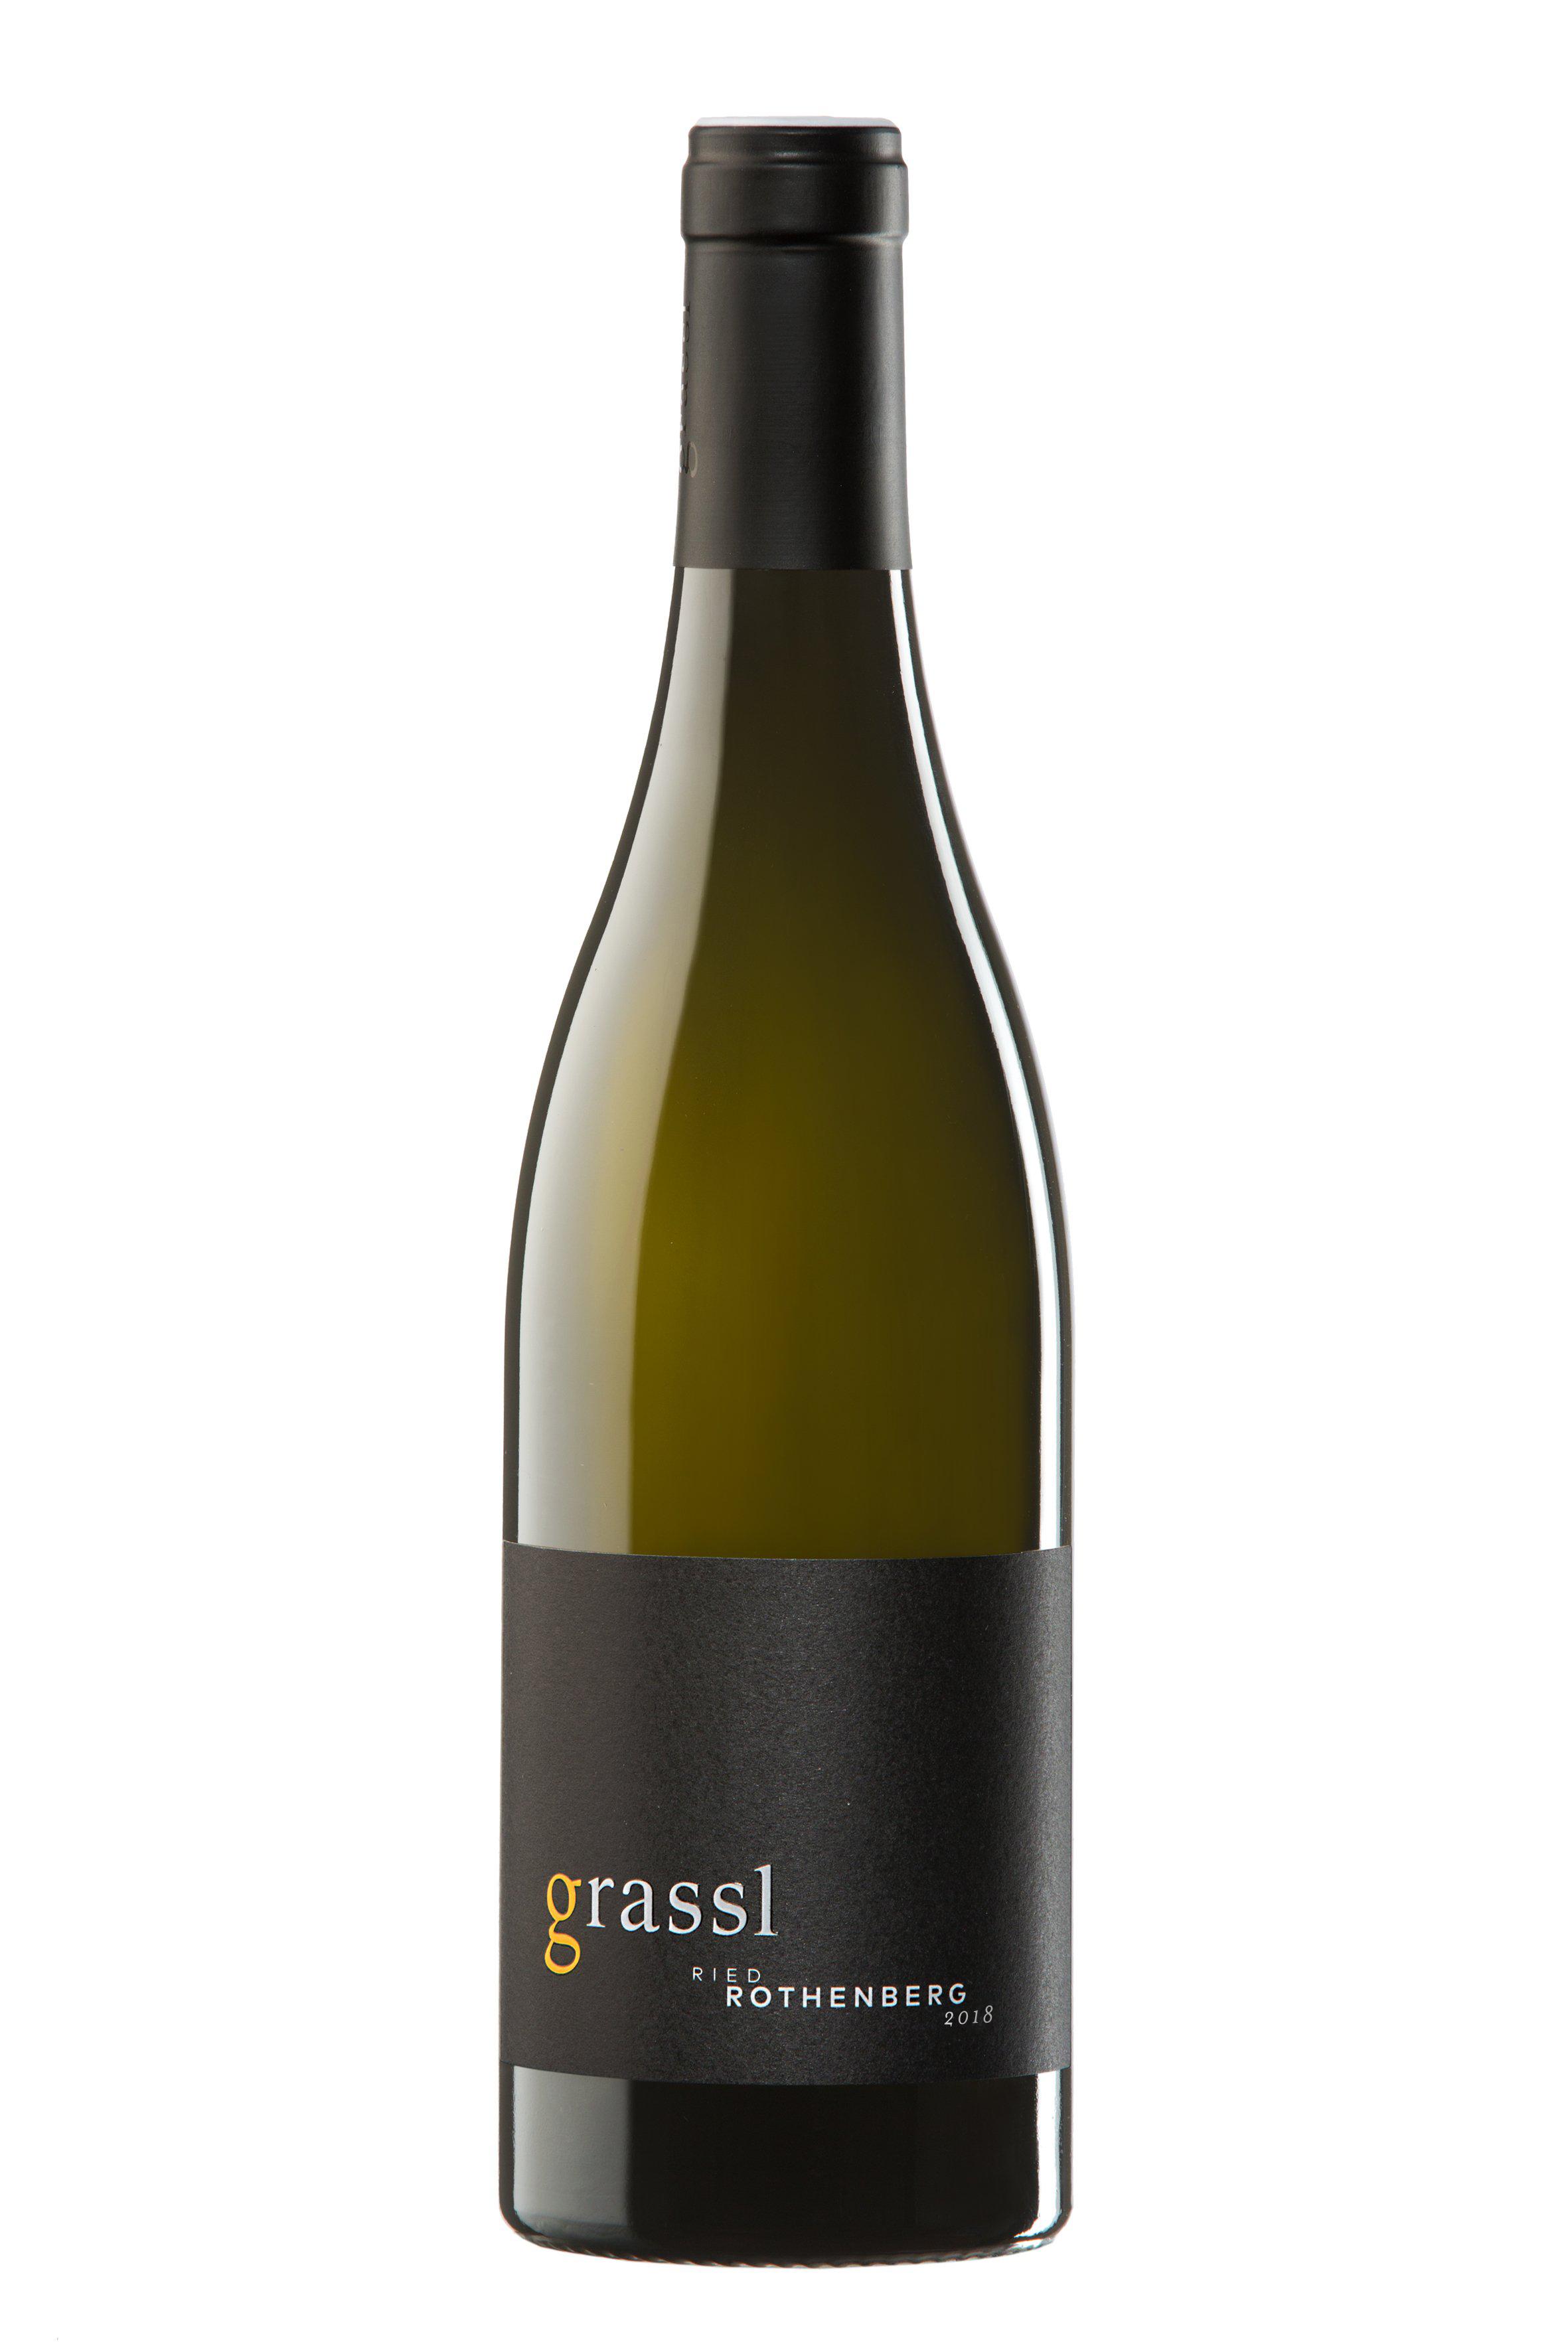 Philipp Grassl Göttlesbrunnn Ried Rothenberg Chardonnay 2018